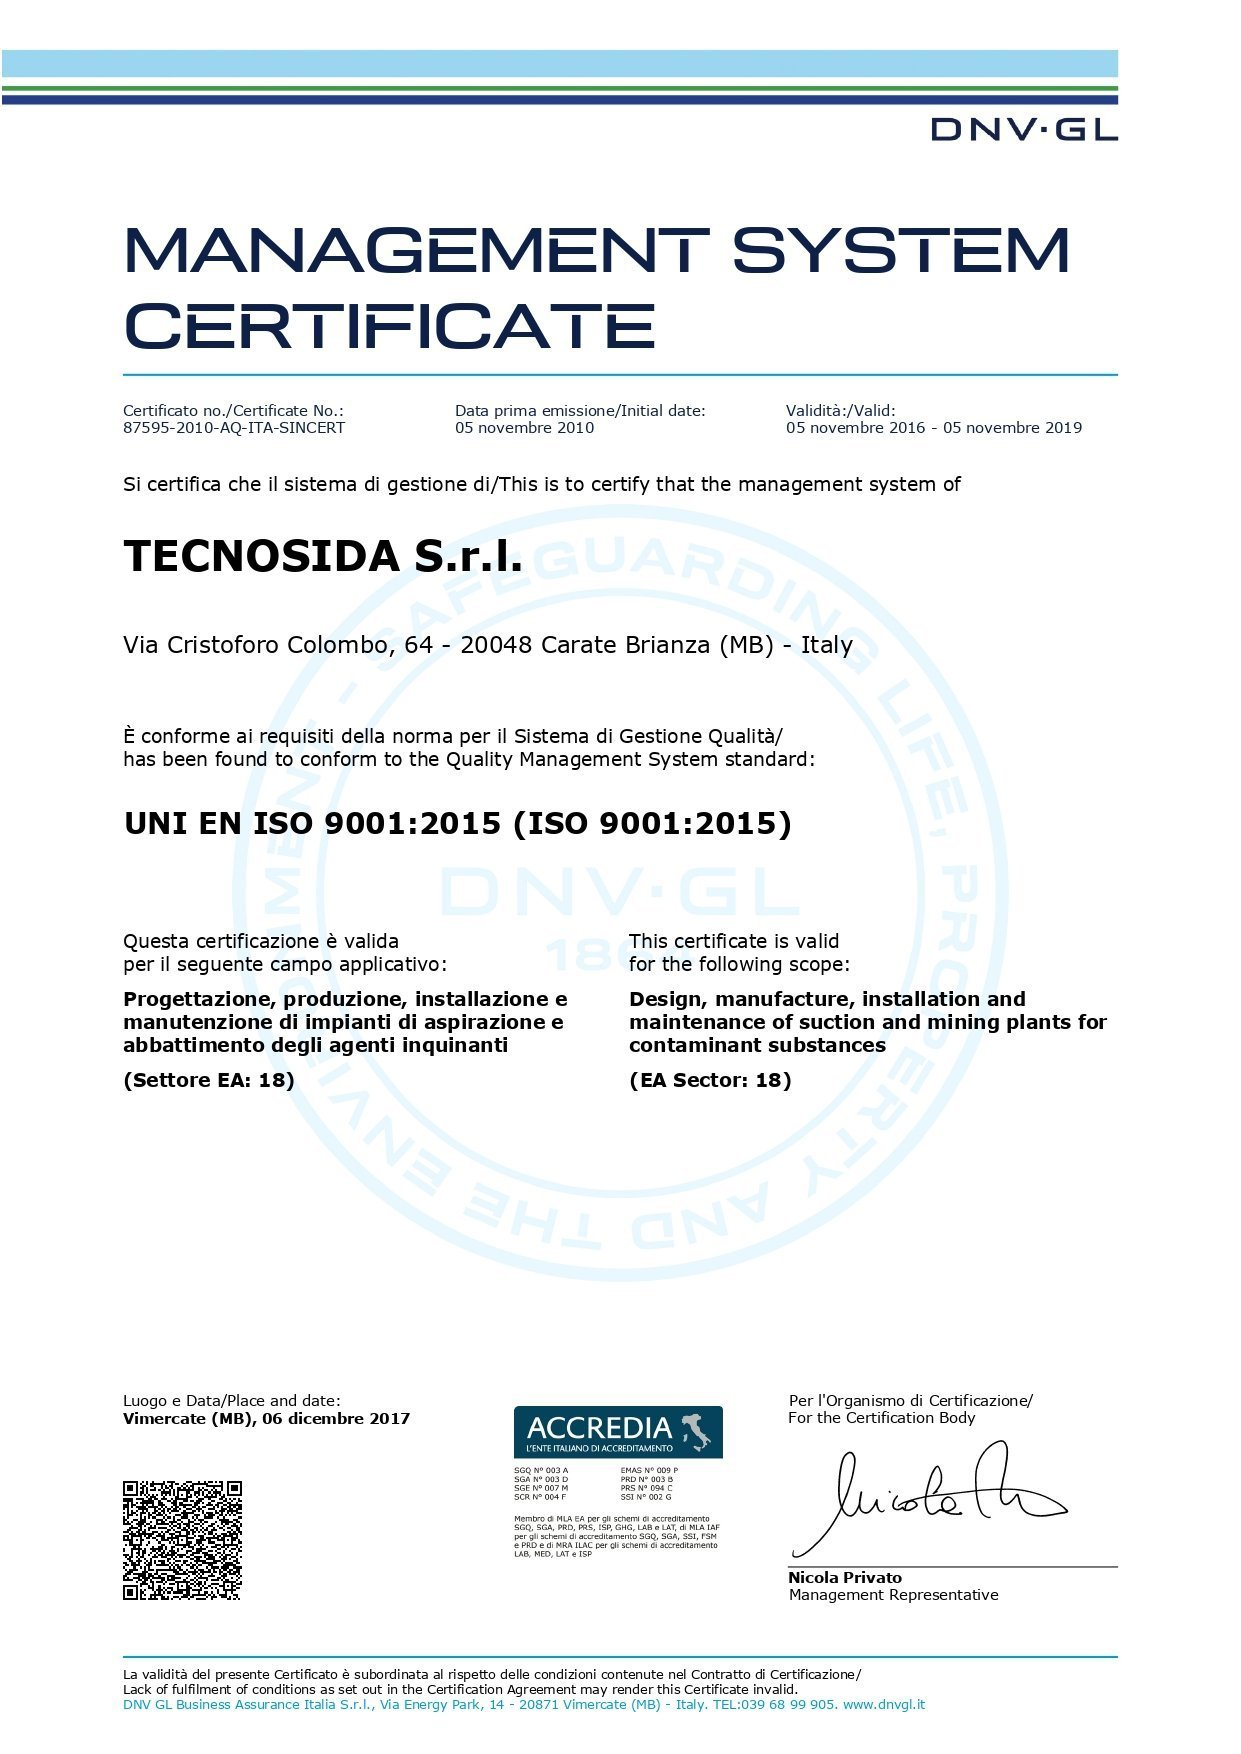 UNI EN ISO 9001:2015 certification